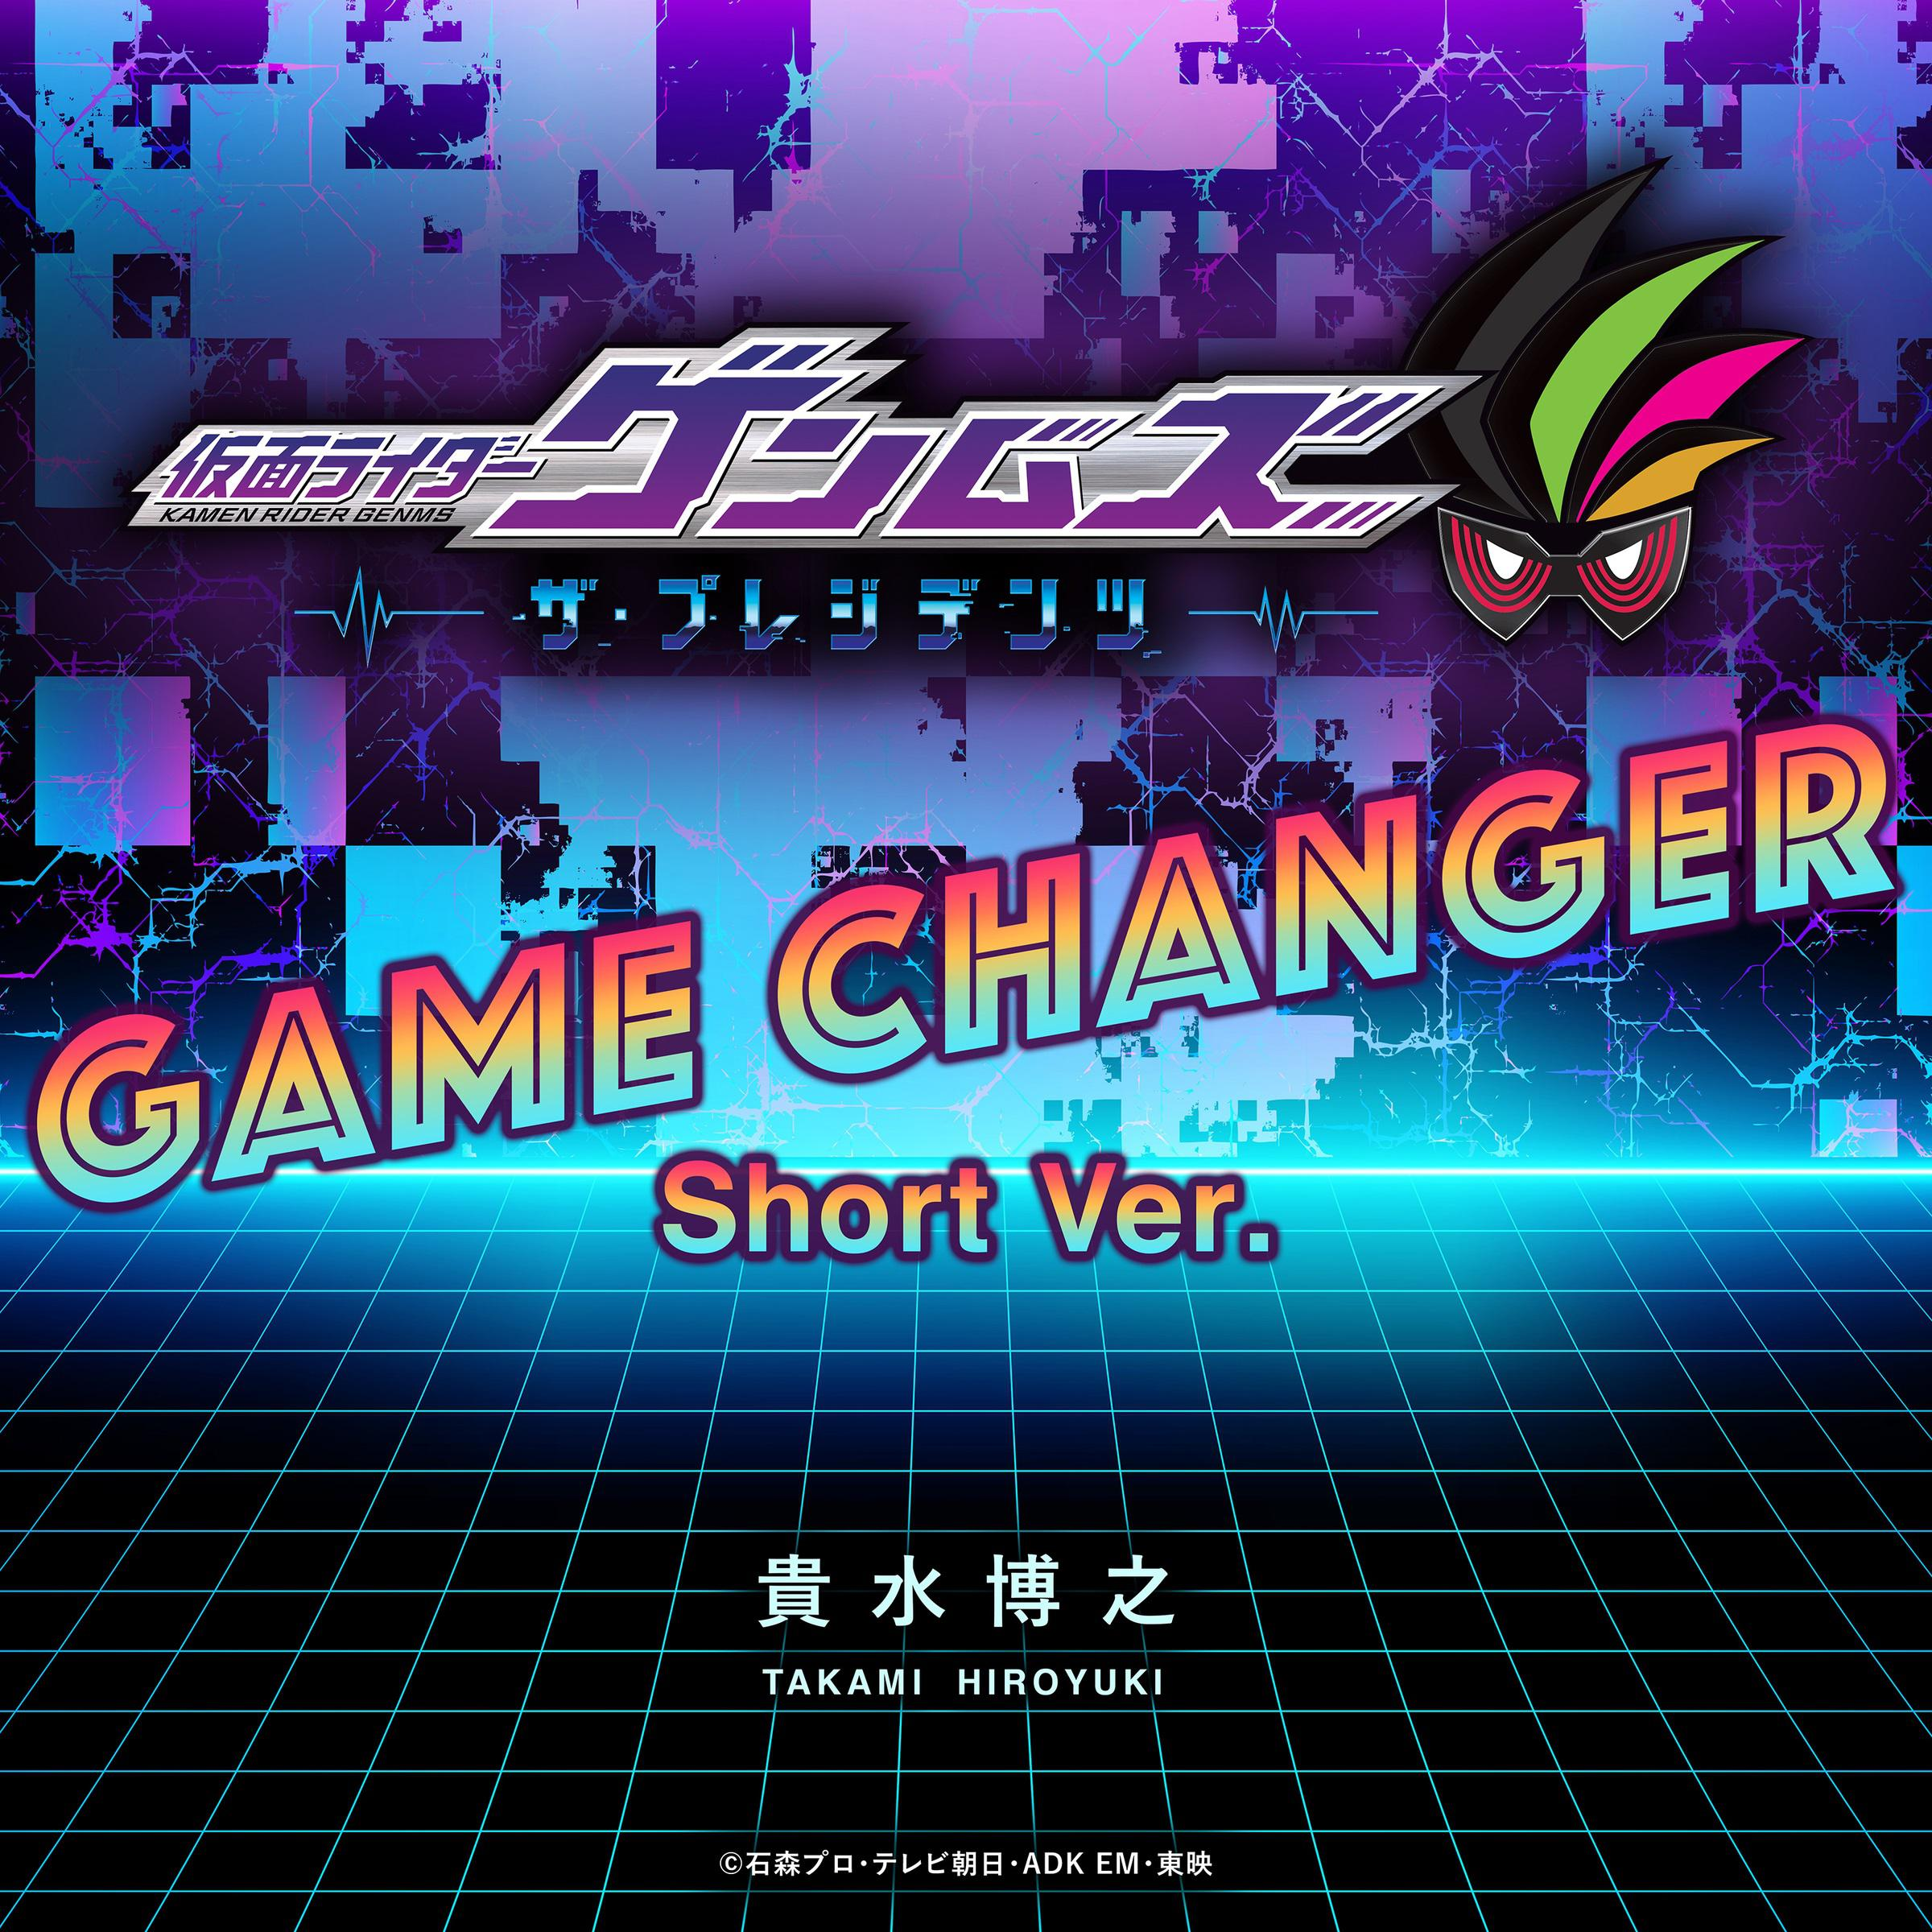 GAME CHANGER Short Ver.